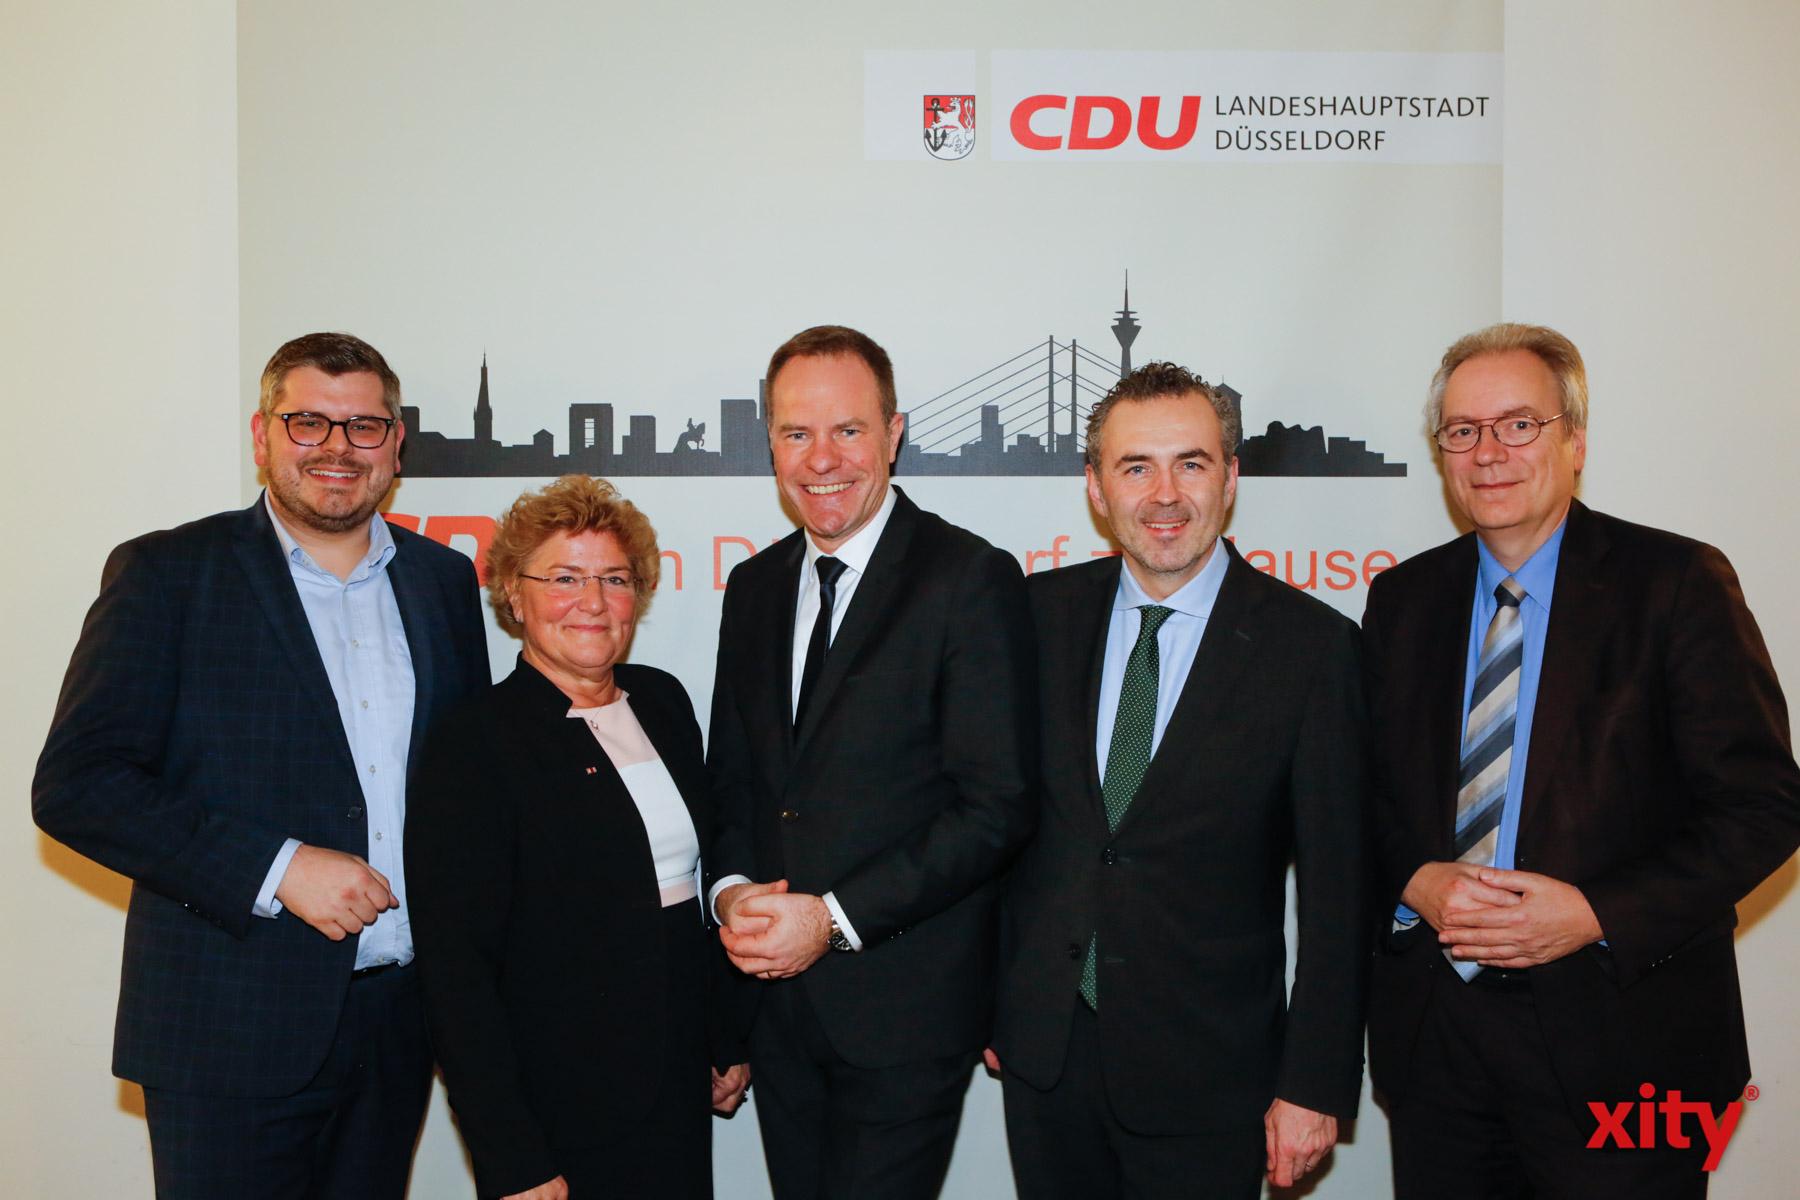 Peter Blumenrath, Sylvia Pantel, Dr. Stephan Keller, Thomas Jarzombek und Rüdiger Gutt (Foto: xity)